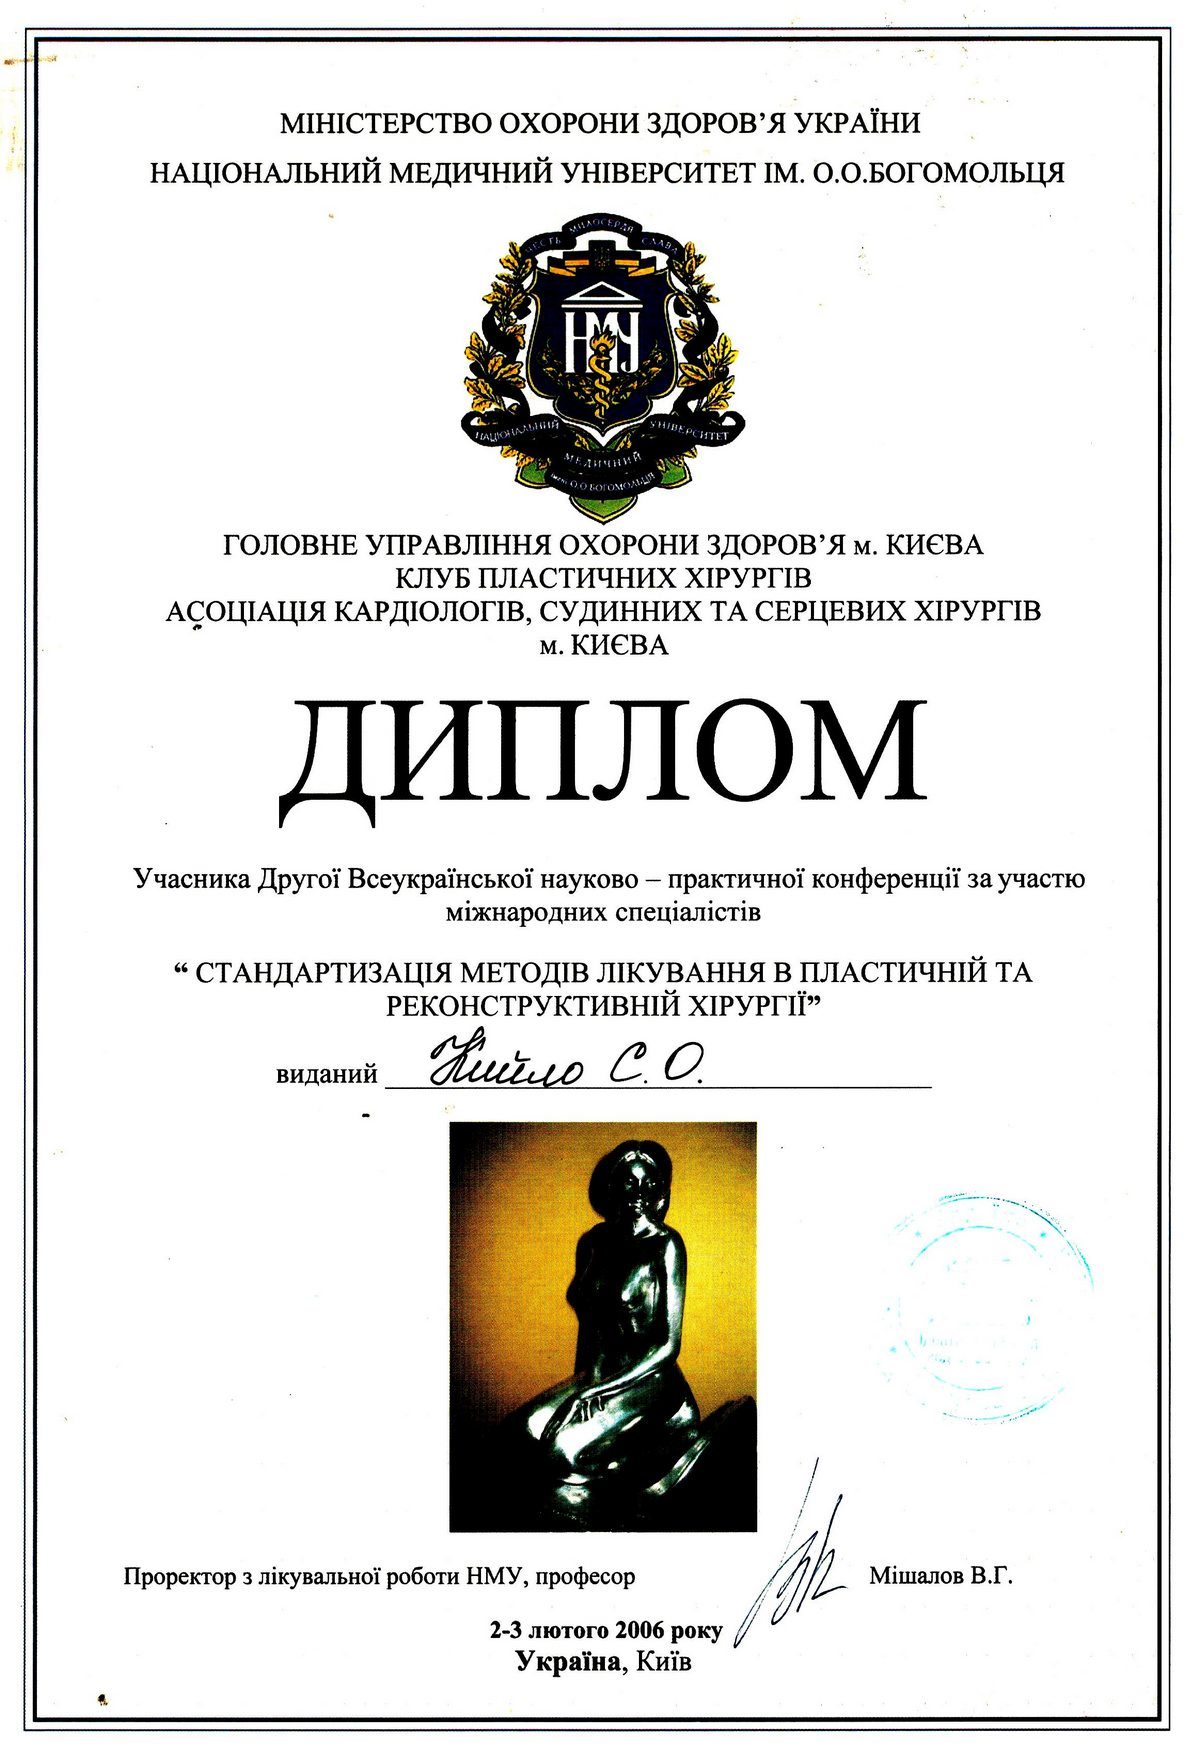 Документ №:31 Диплом пластического хирурга Кийло Сергея Алексеевича